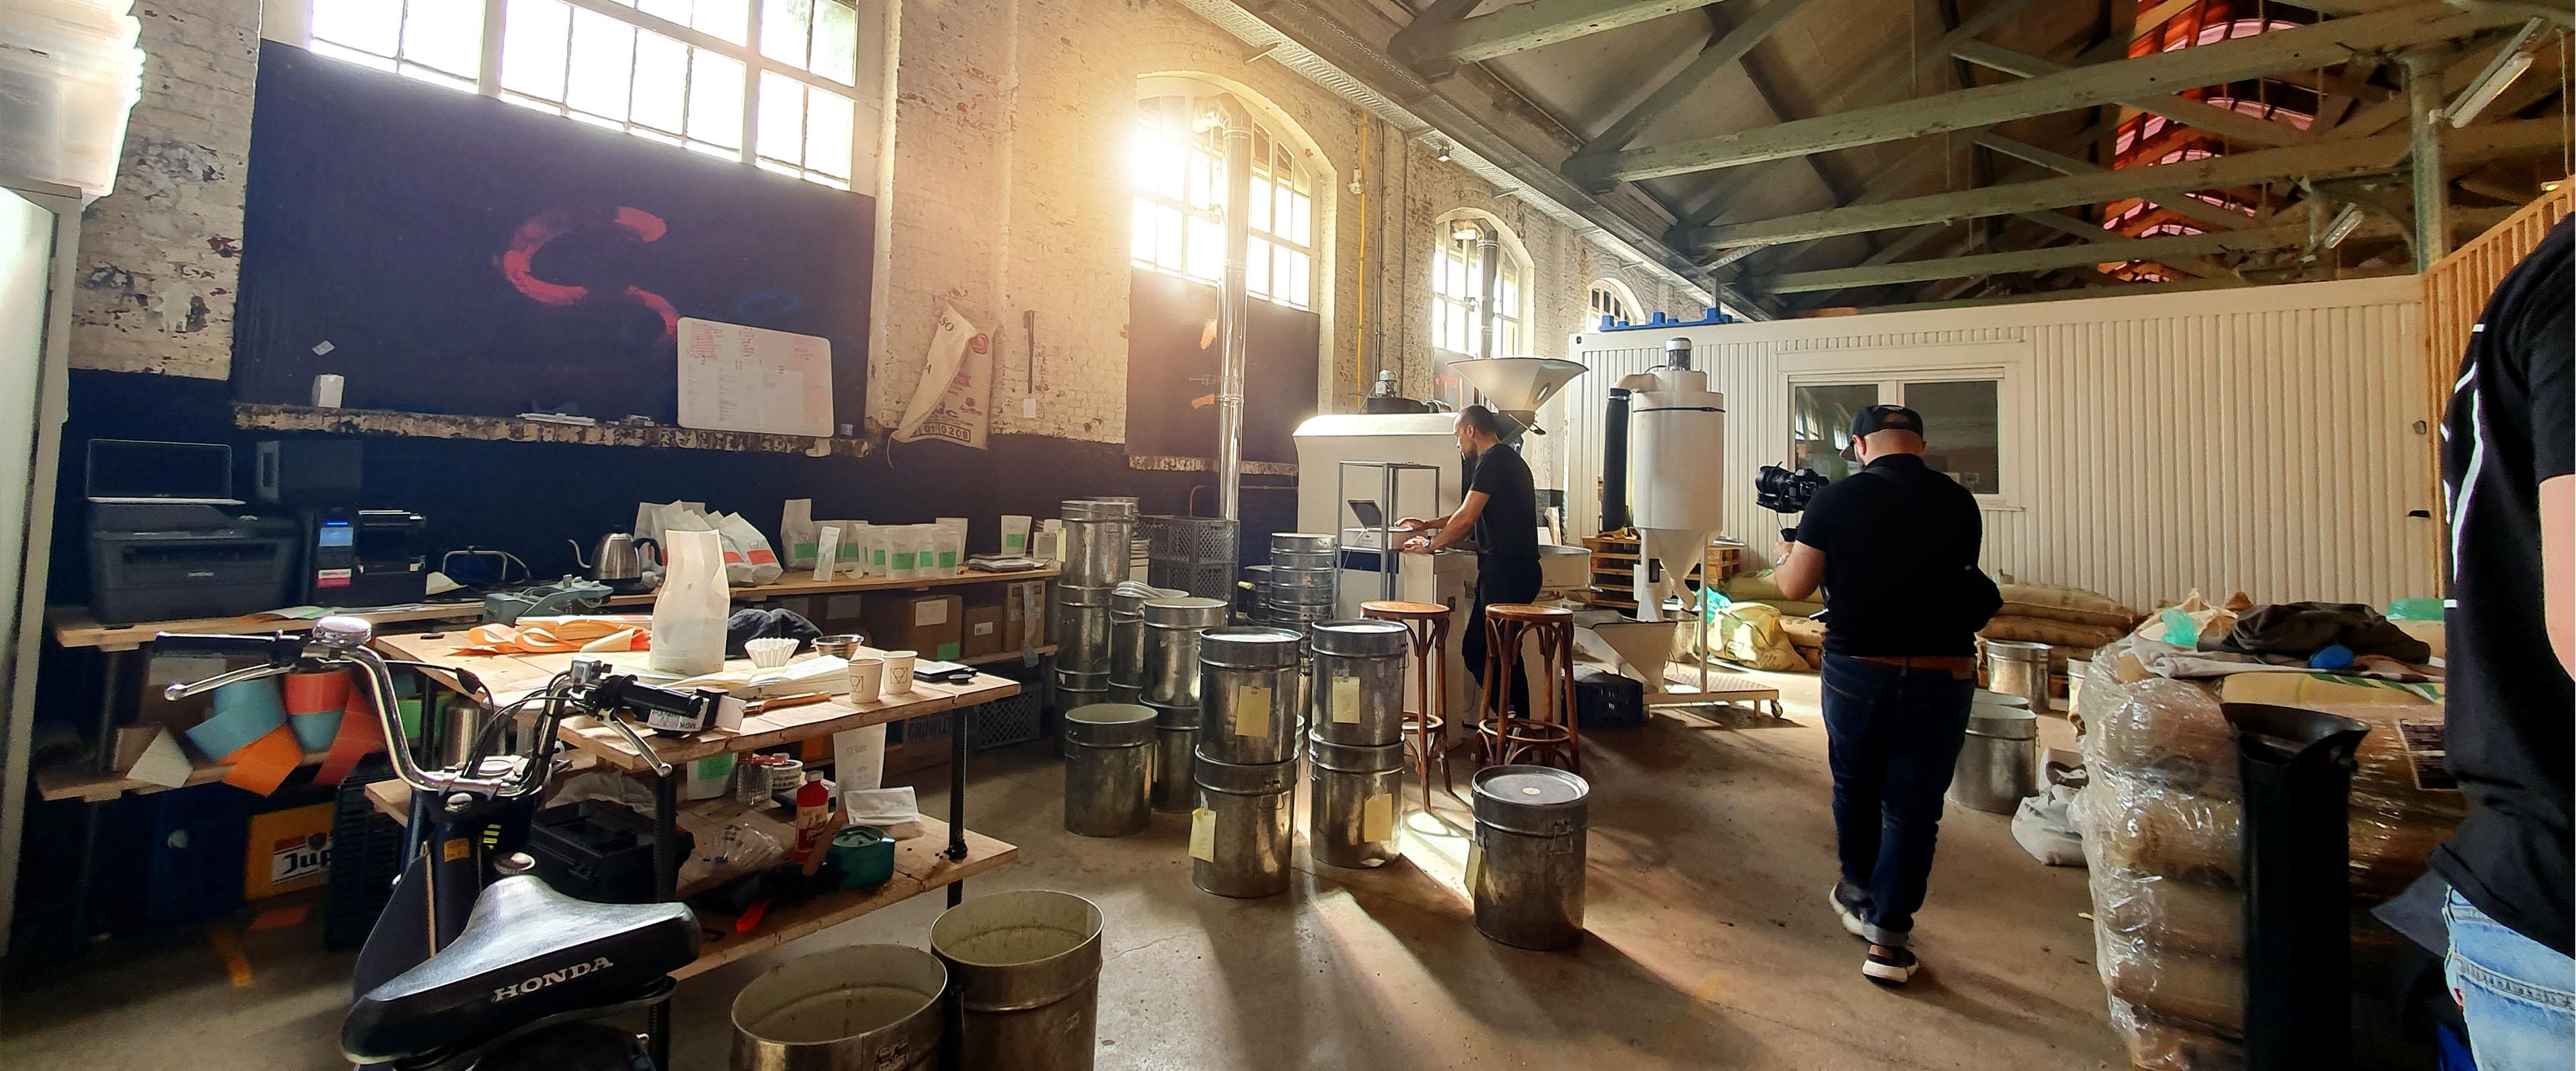 Jason Berkley Studios tijdens de opnames voor de brandvideo van Sapiens